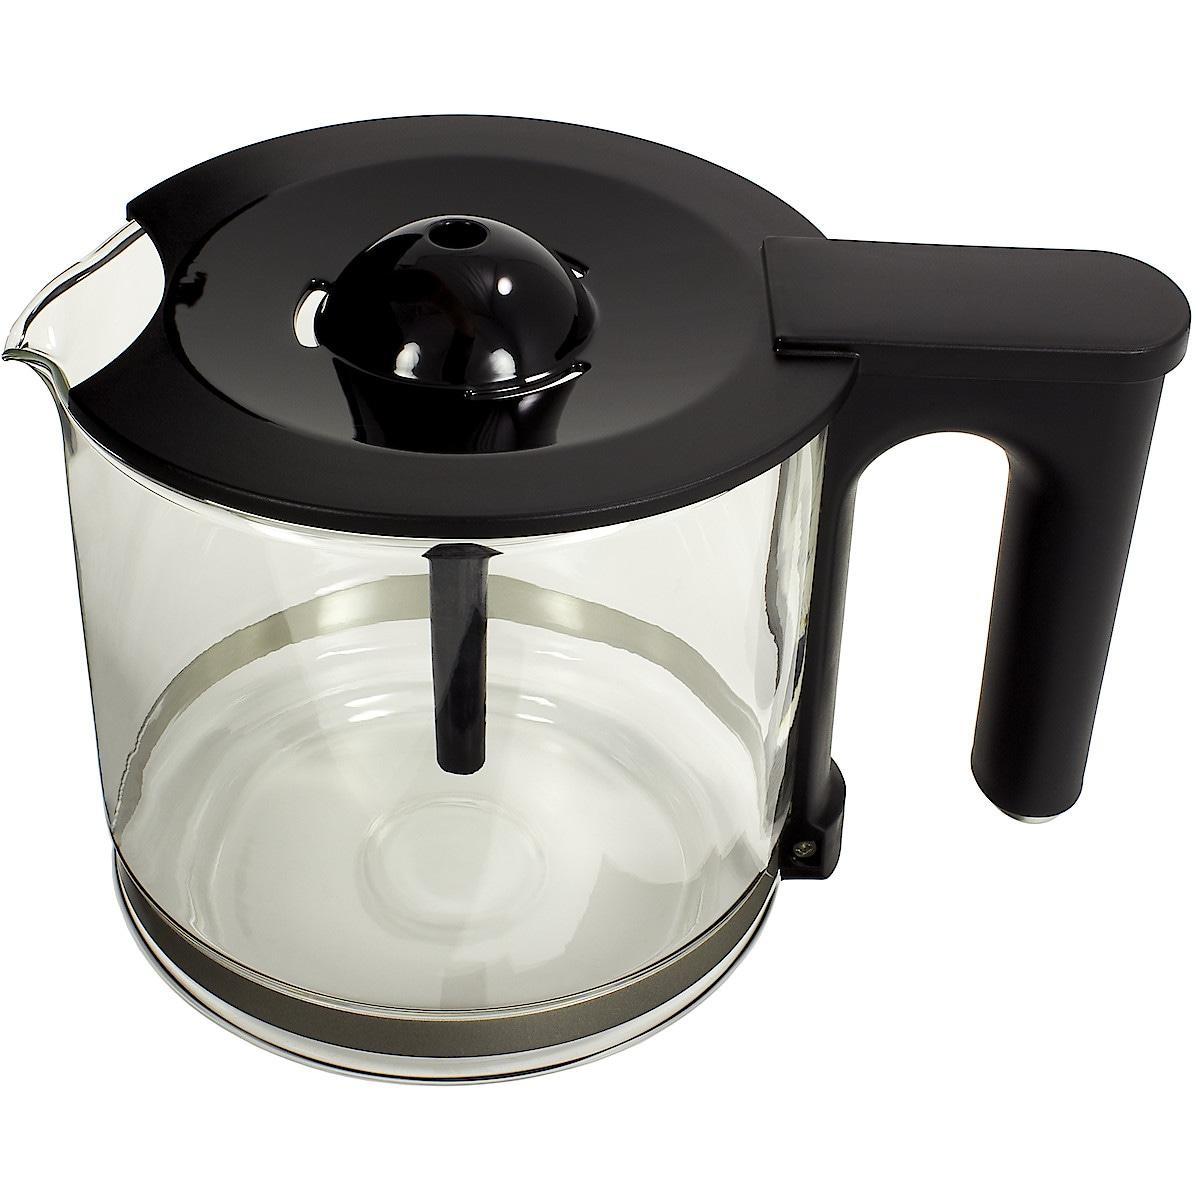 Kaffebryggare Svart Coline, 1st | Nätmat